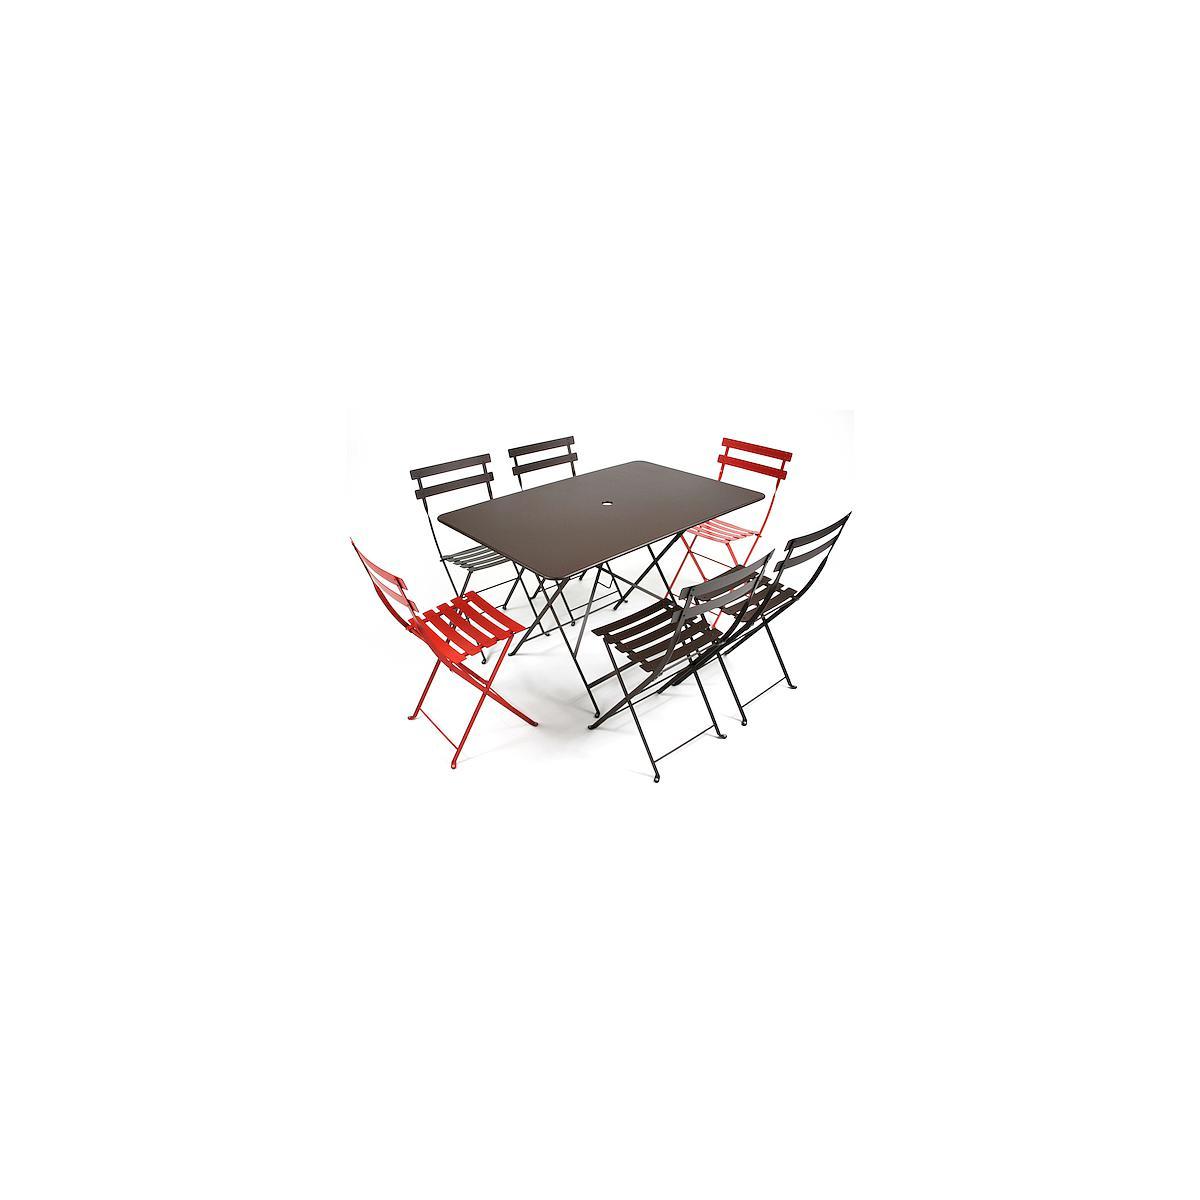 BISTRO by Fermob Table noir réglisse